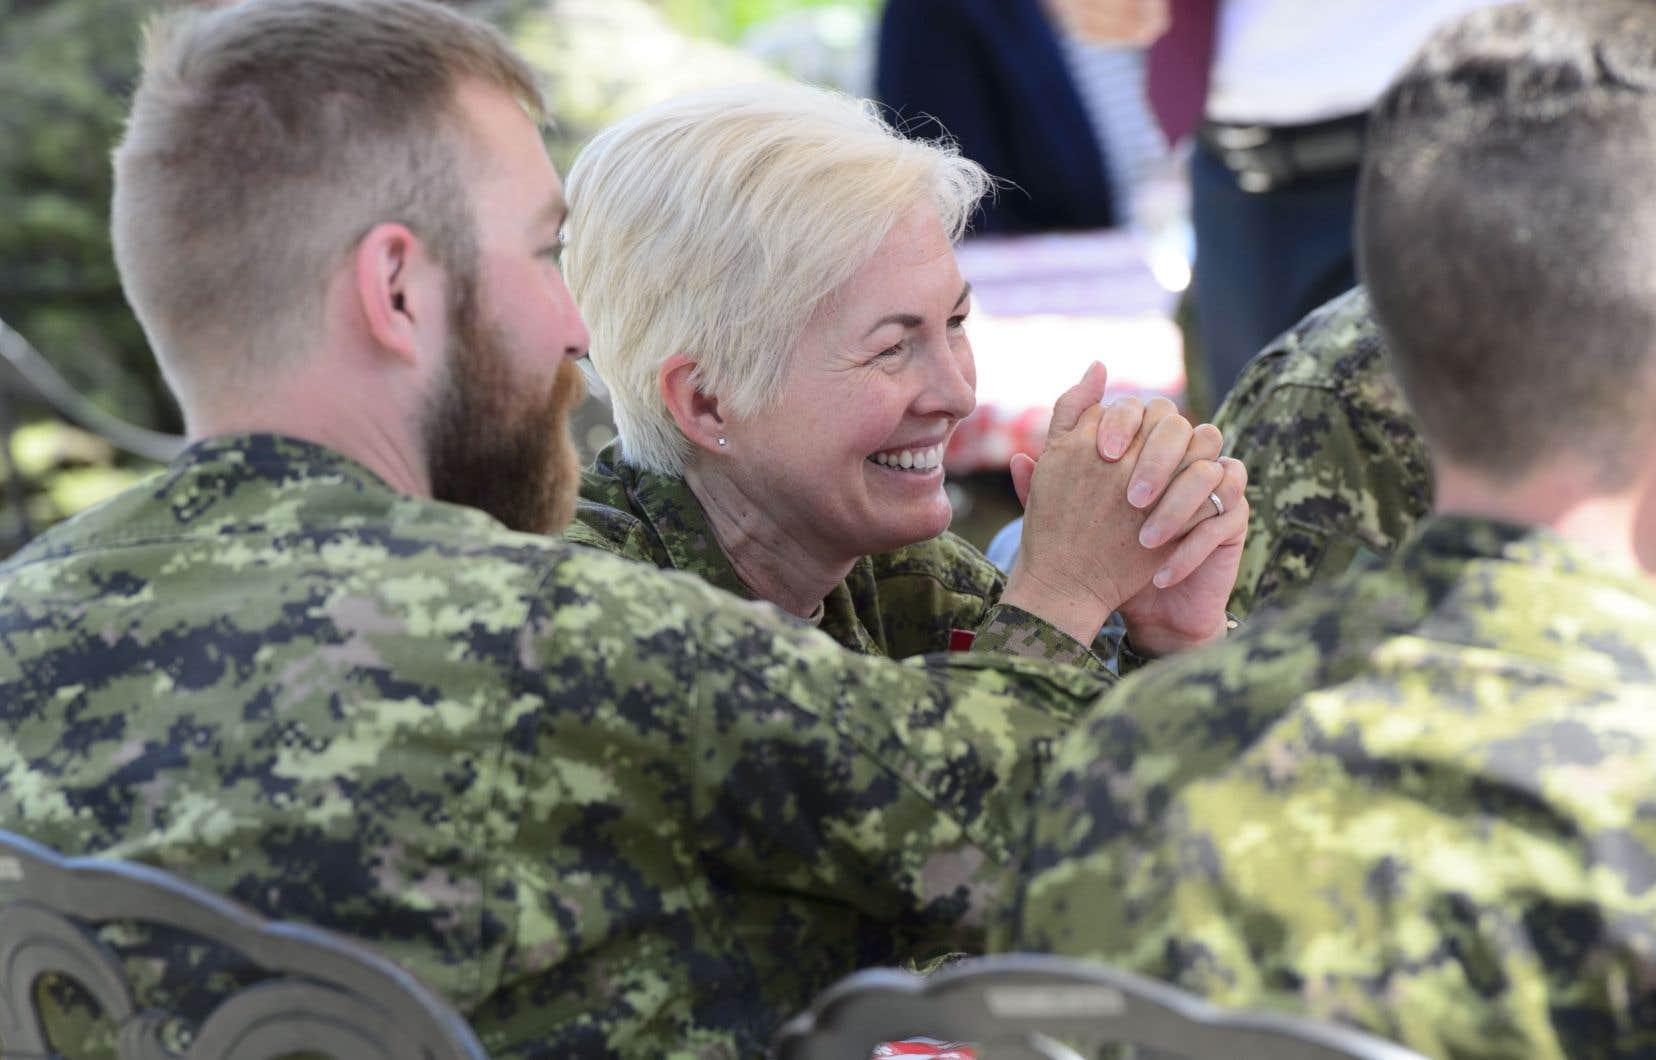 Le premier ministre a indiqué que c'est aussi pour cette raison que le gouvernement ne veut pas attendre le rapport Arbour pour agir. Il a créé une nouvelle unité dirigée par la lieutenante-générale Jennie Carignan (sur la photo): le groupe Conduite professionnelle et culture.